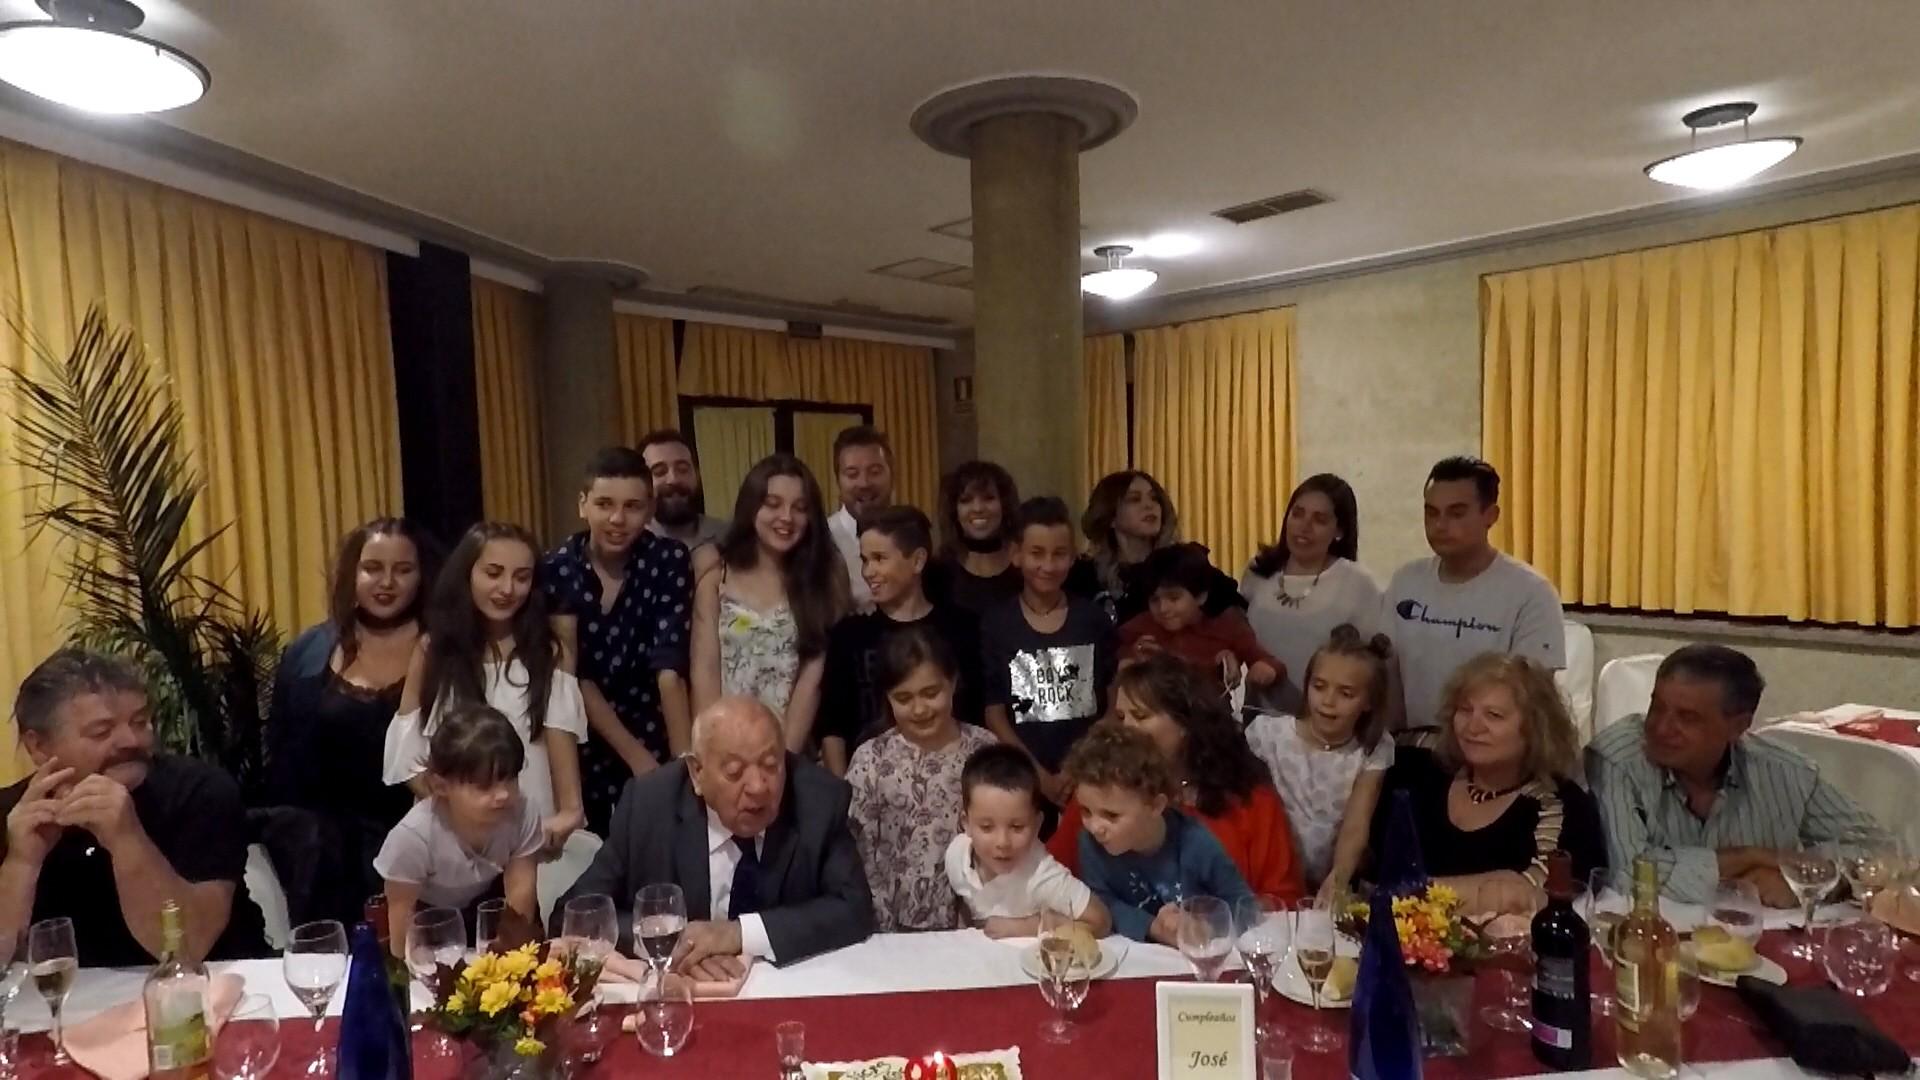 Celebración del 90 cumpleaños de nuestro socio de honor José Hernández Santa Úrsula